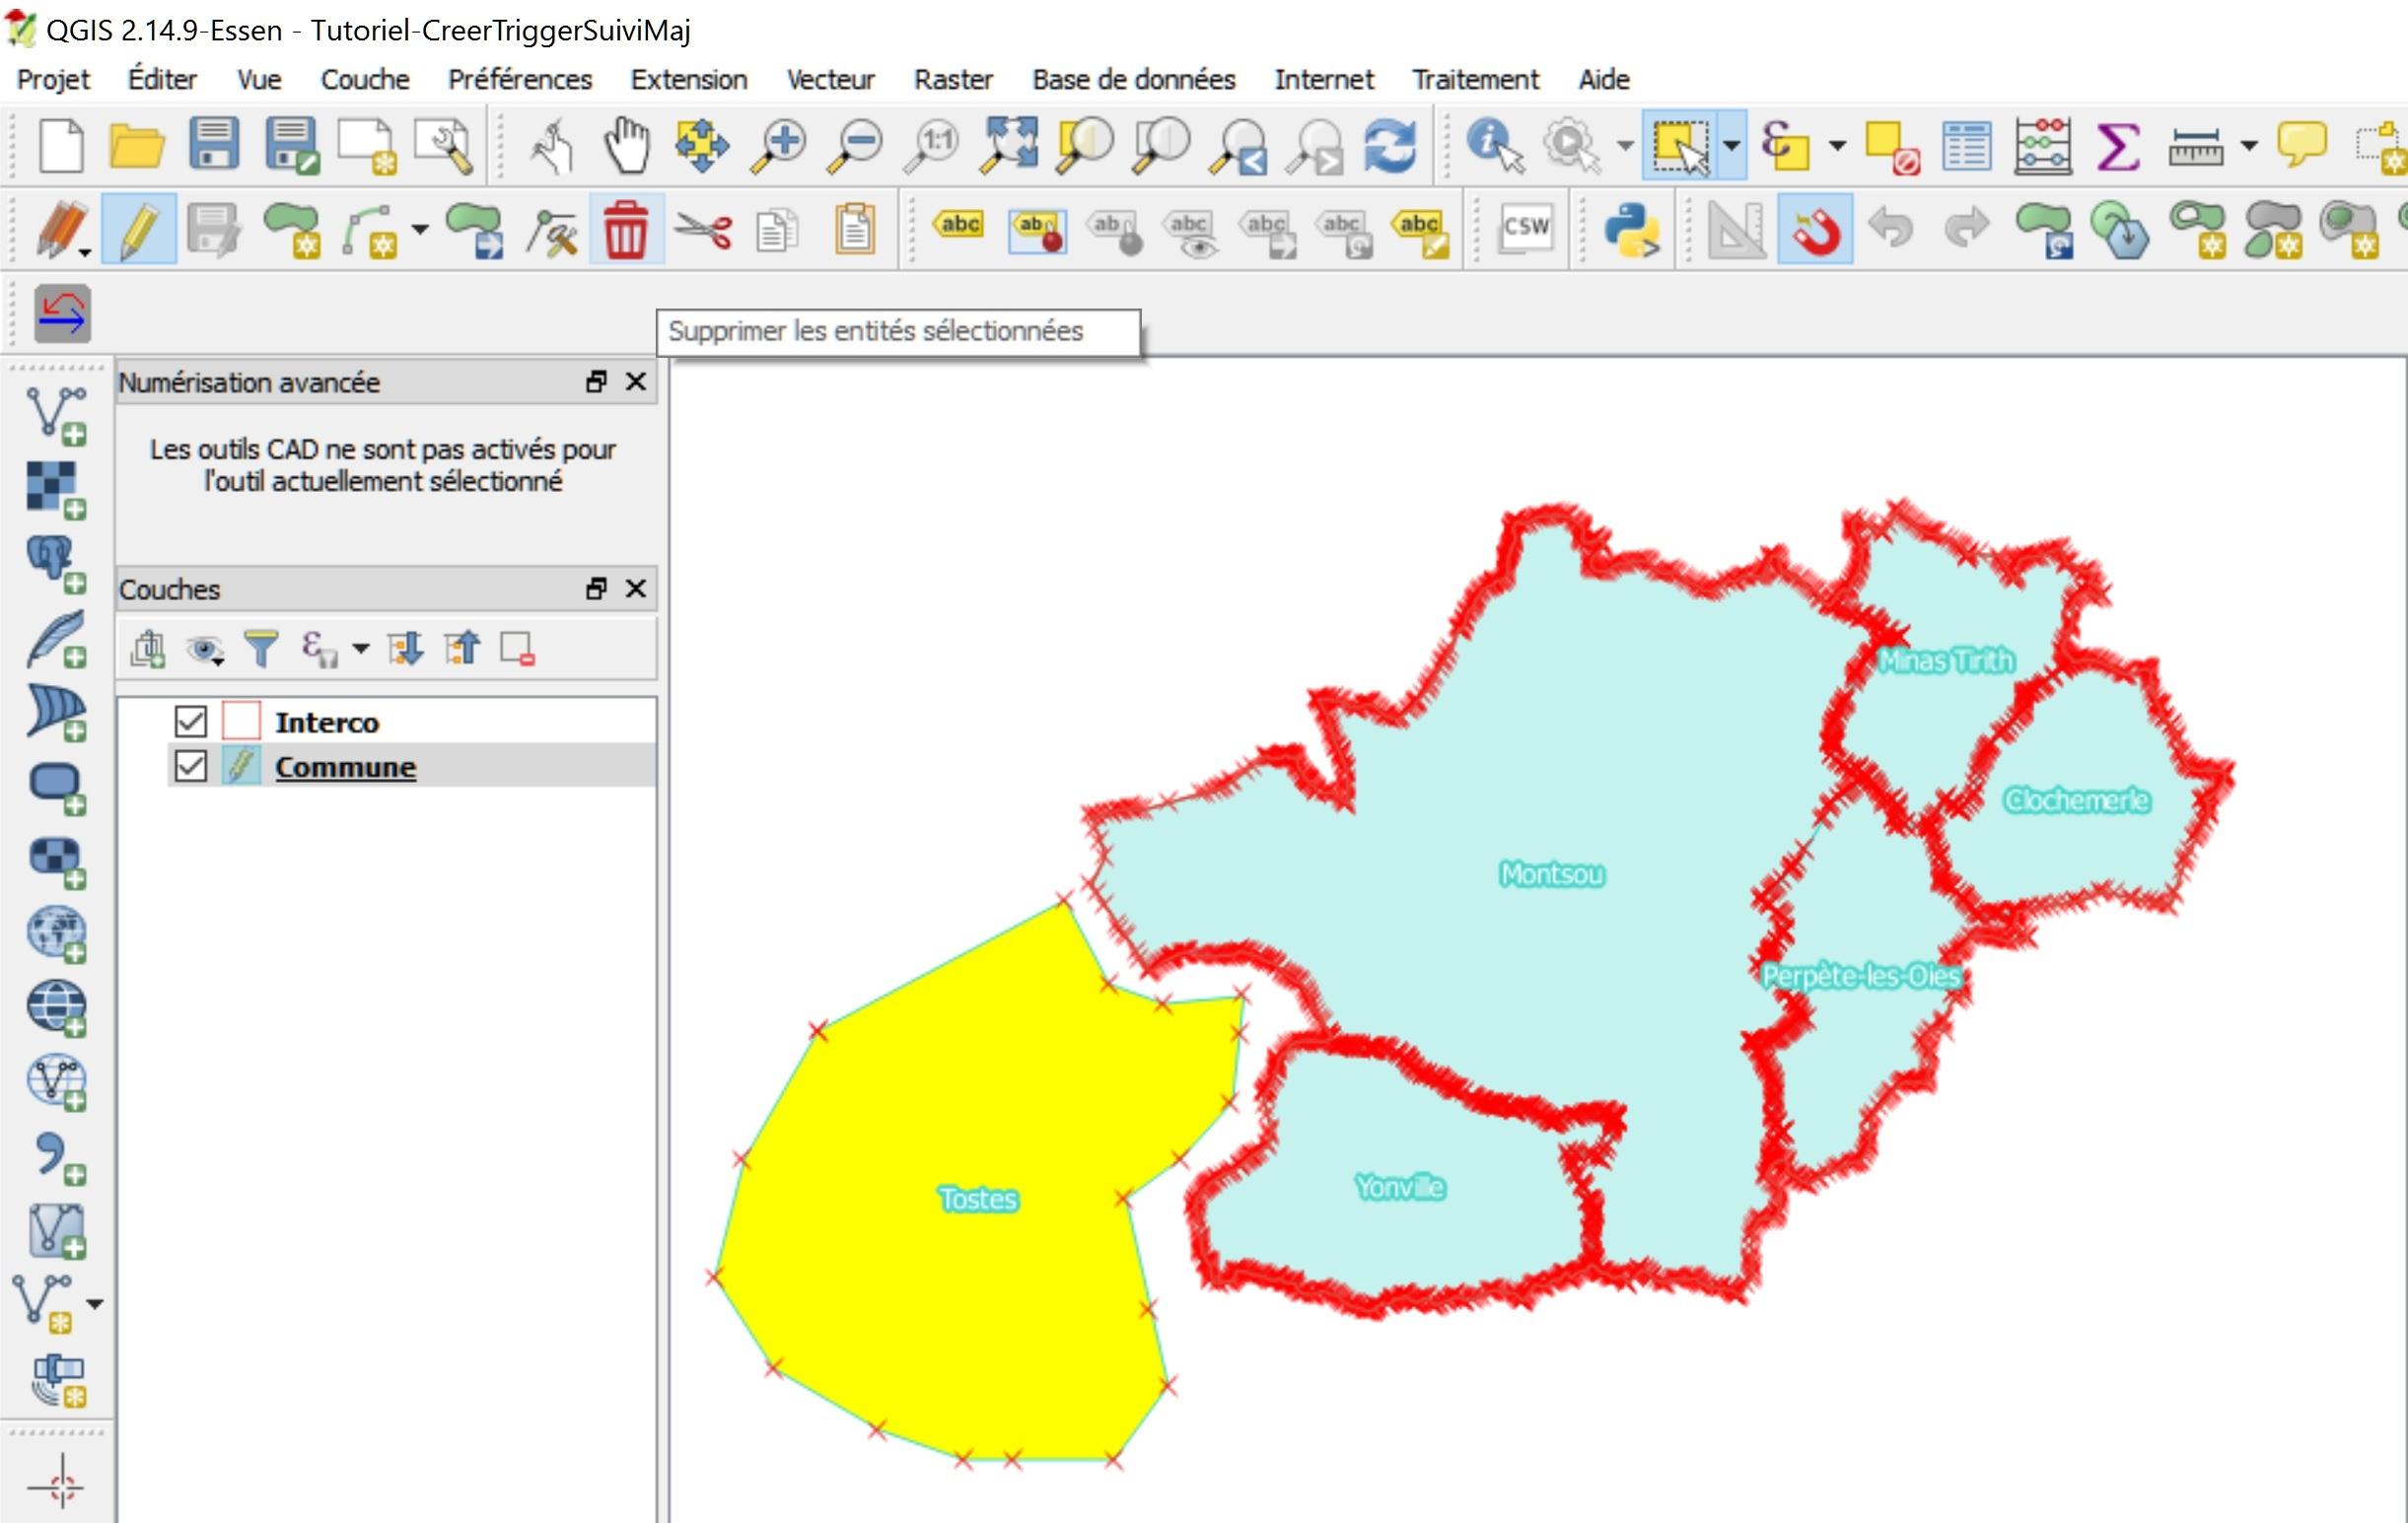 Tutoriel Impuls'Map - Trigger suivi mises à jour PostgreSQL PostGIS - QGIS Supprimer Entité